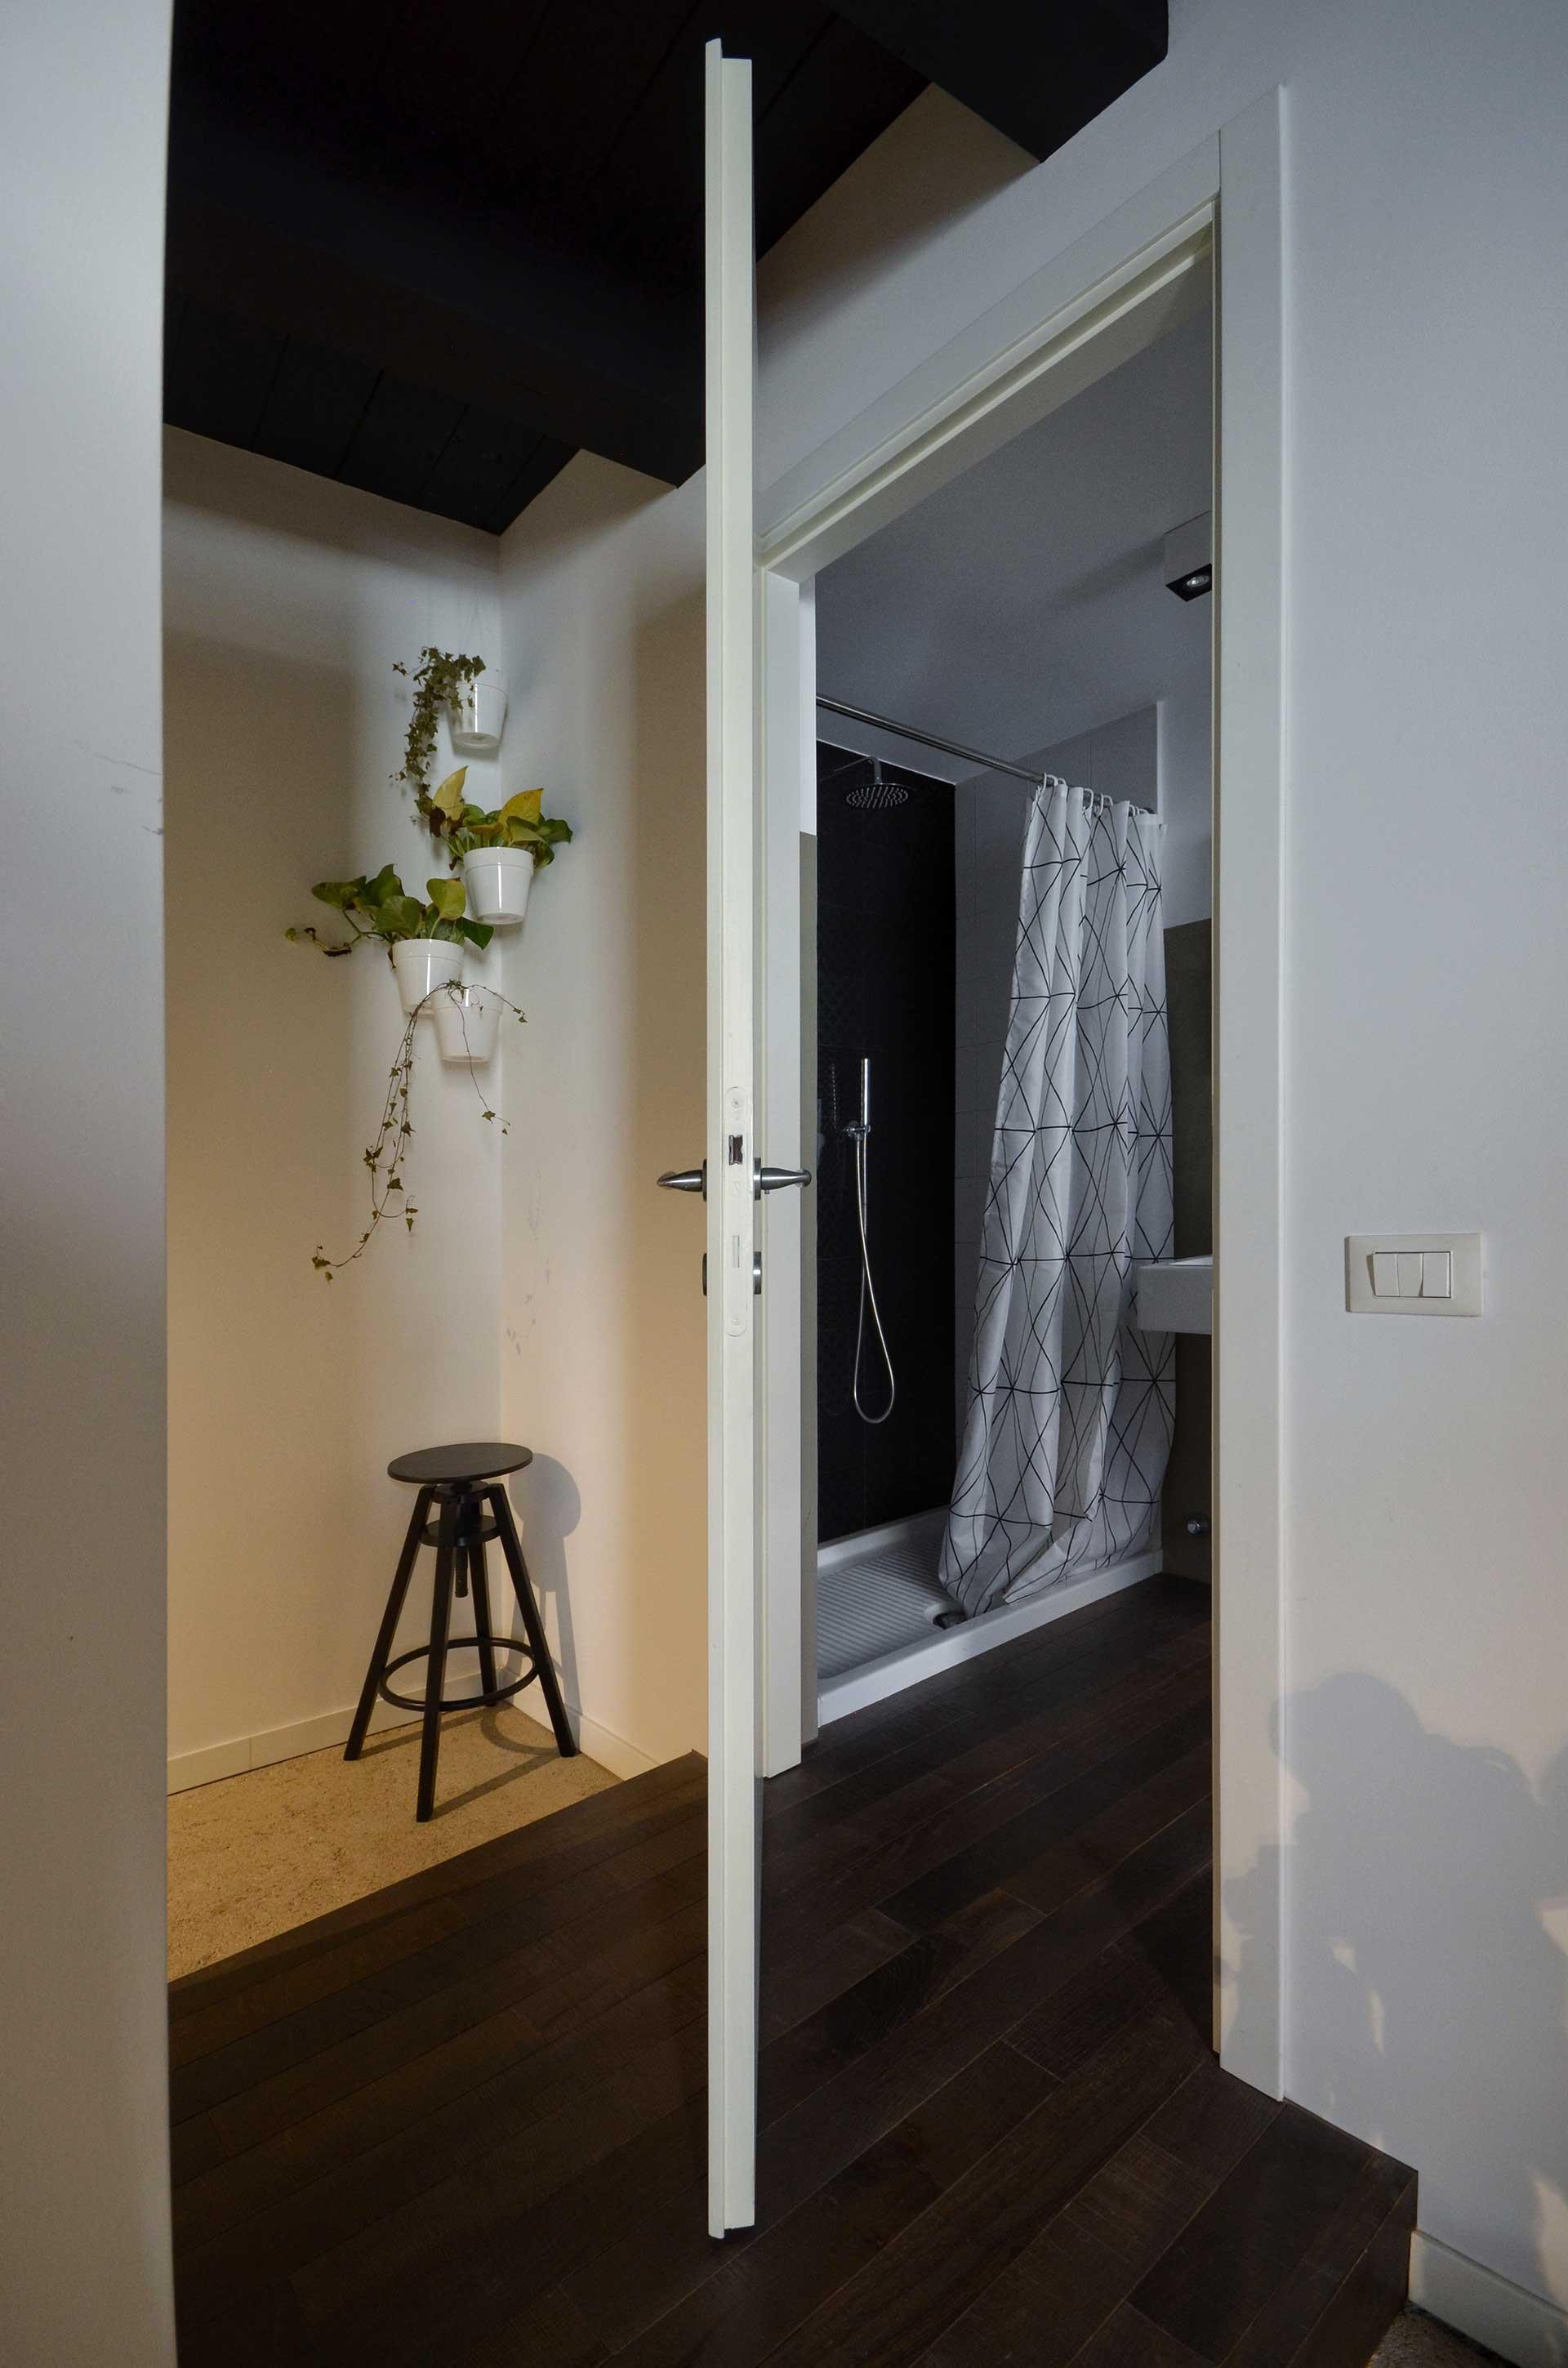 casa CM127. veduta di ingresso del bagno dalla camera. Notare pedana di rialzo rivestito in parquet della ditta Fenni.